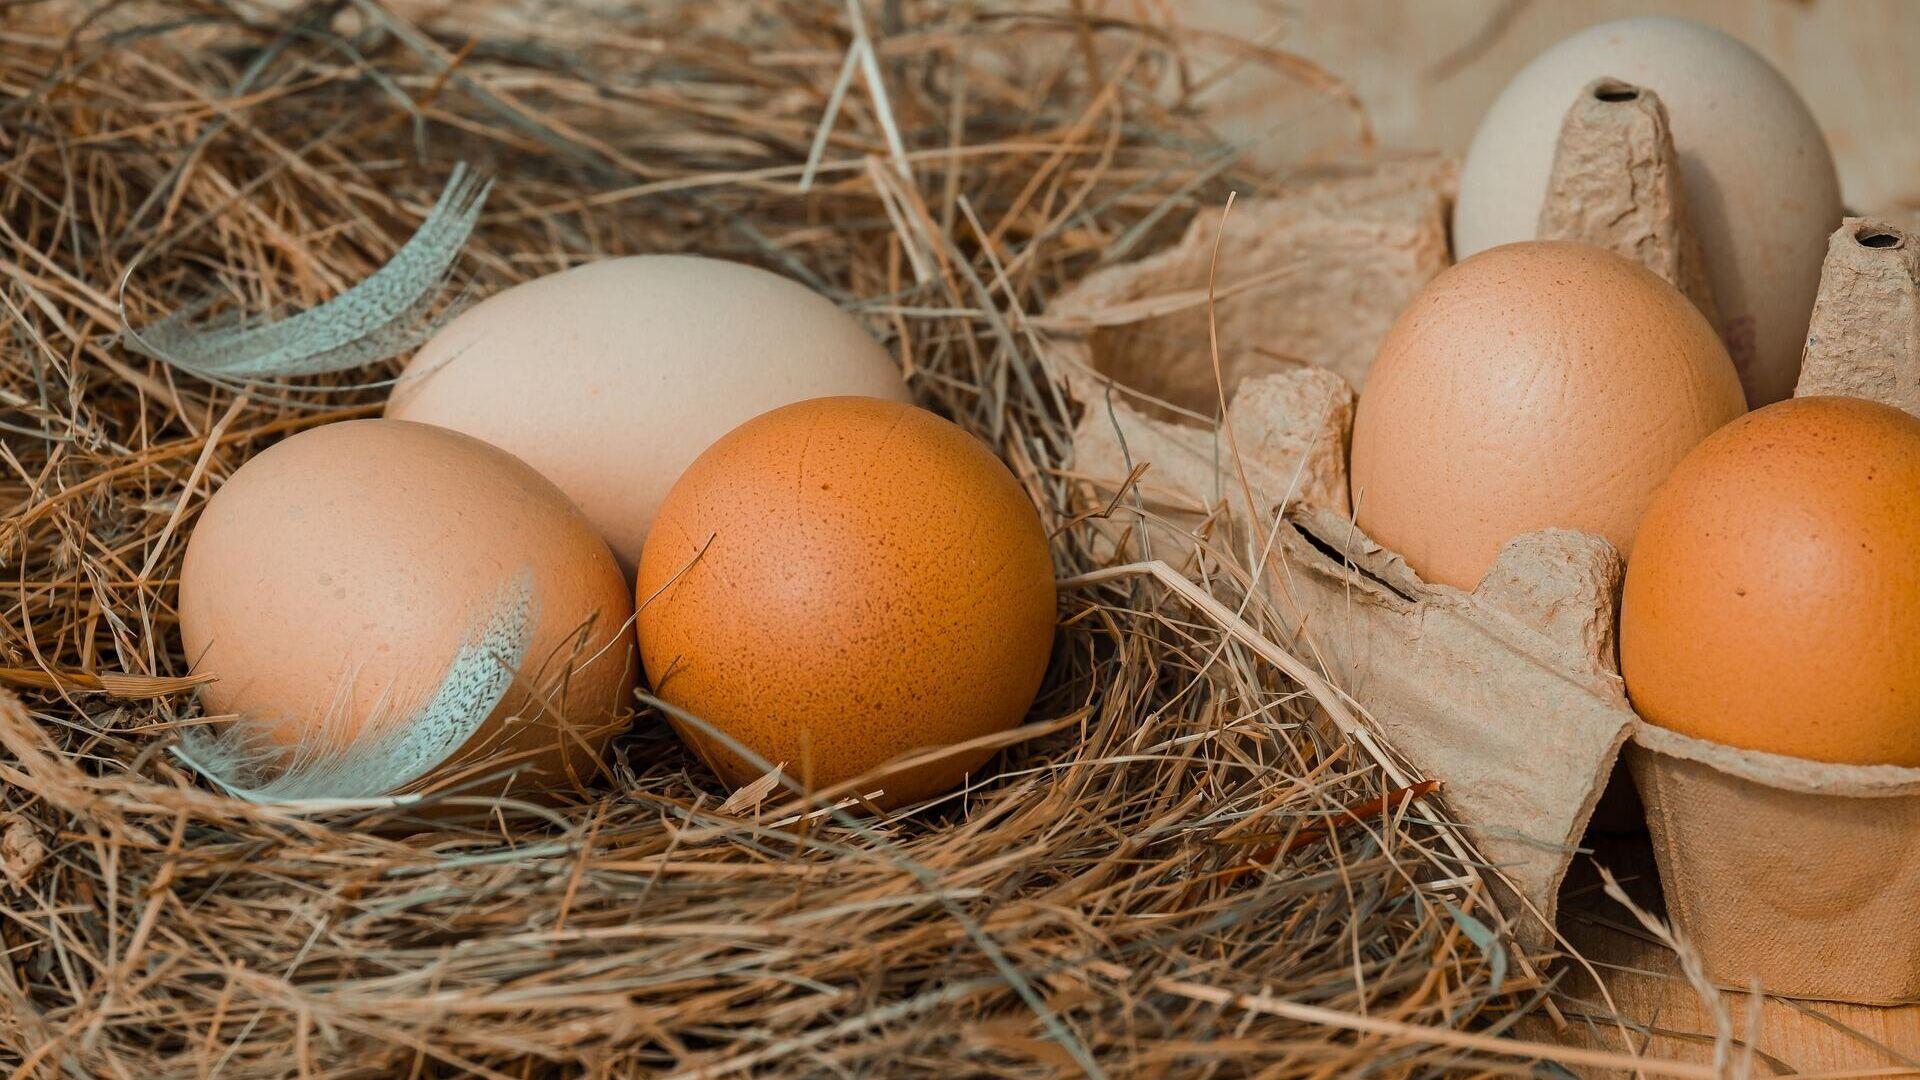 Куриные яйца - Sputnik Таджикистан, 1920, 22.09.2021